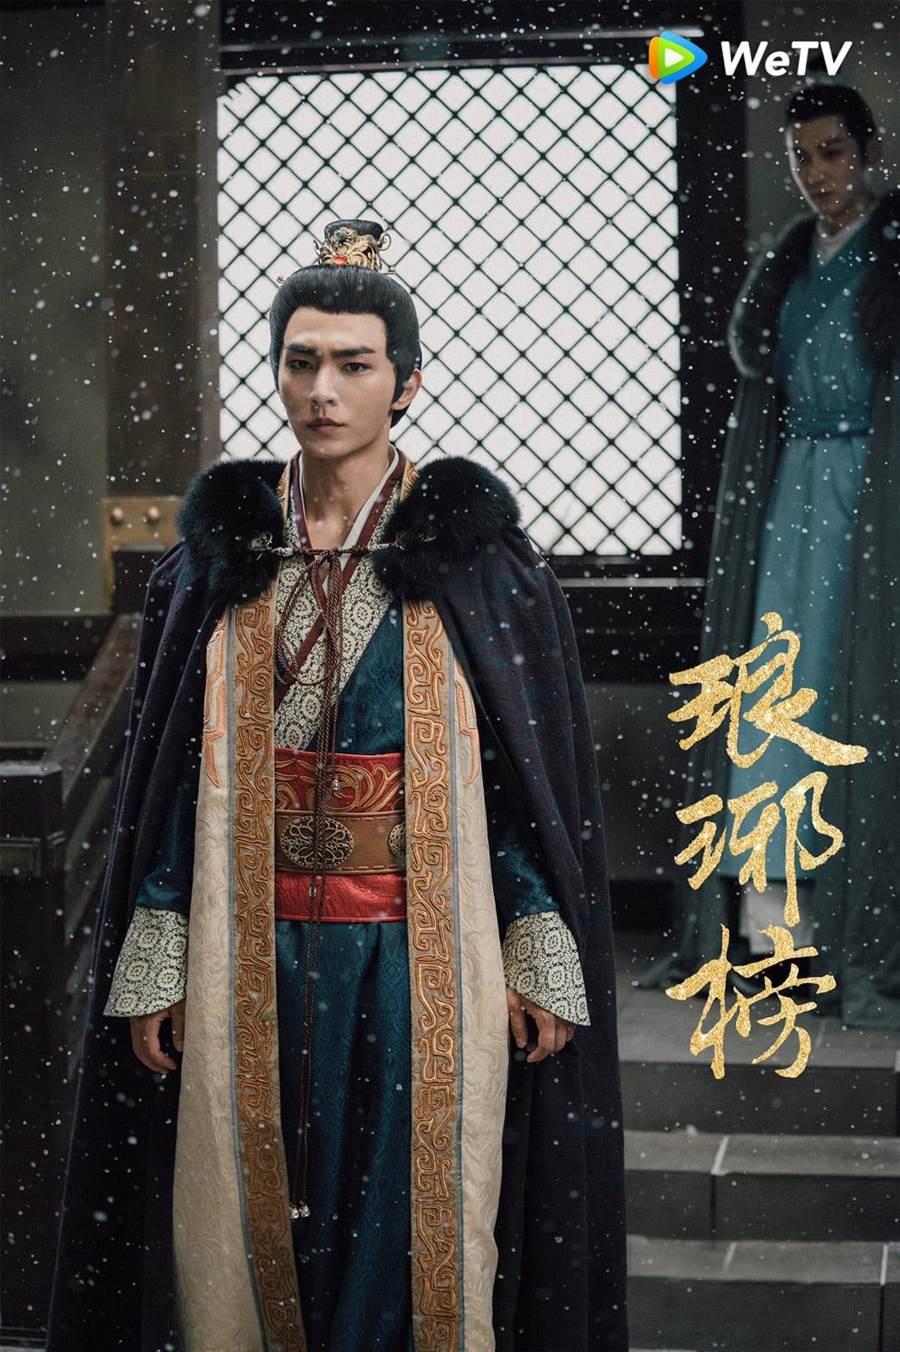 炎亞綸參與《演員請就位》扮琅琊榜靖王。(晴空鳥提供)